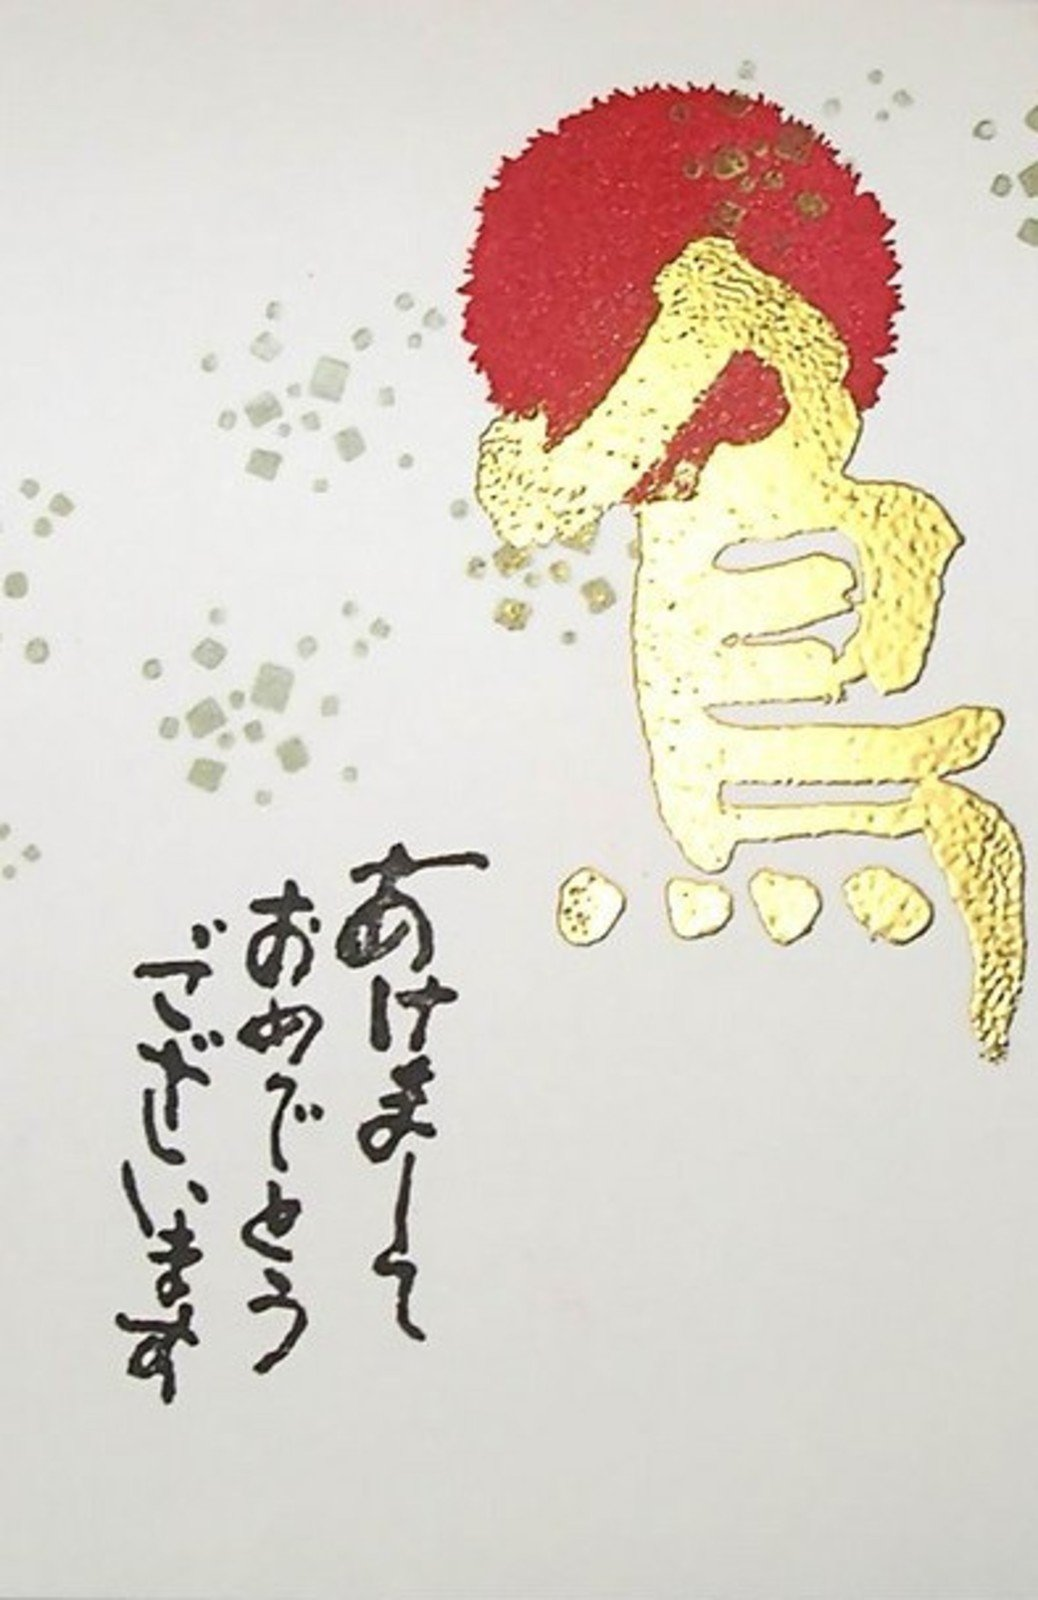 пожелания на новый год в японском стиле качестве основы